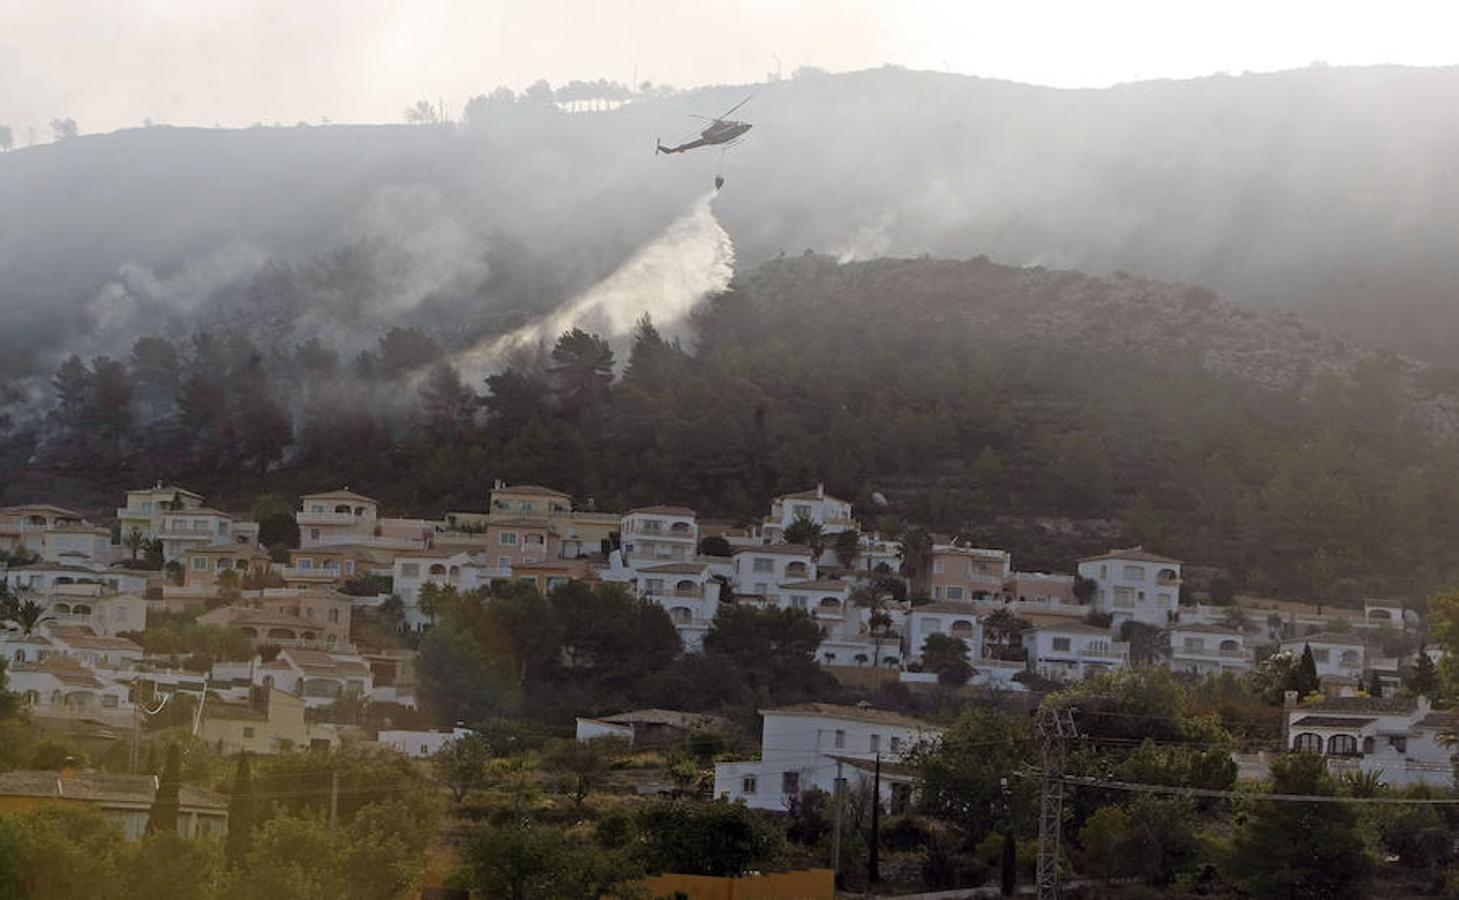 El incendio ha obligado a desalojar a un millar de personas de dieciséis urbanizaciones